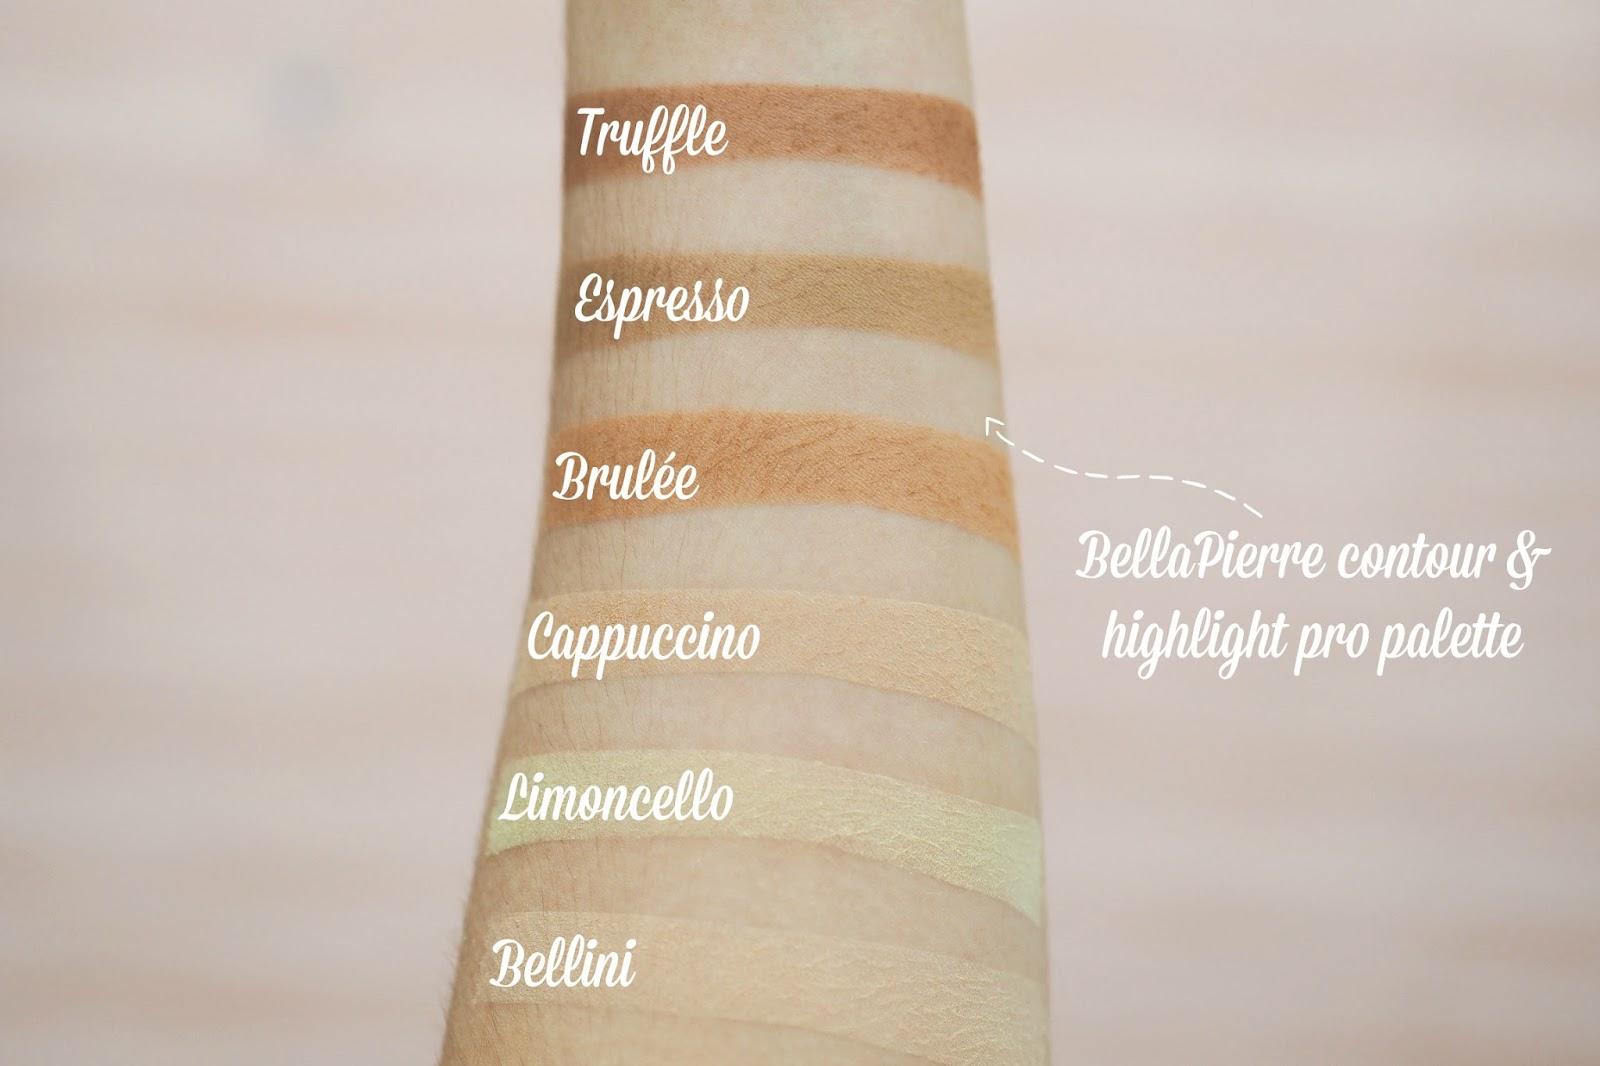 Cohorted beauty box review Bella Pierre contour palette